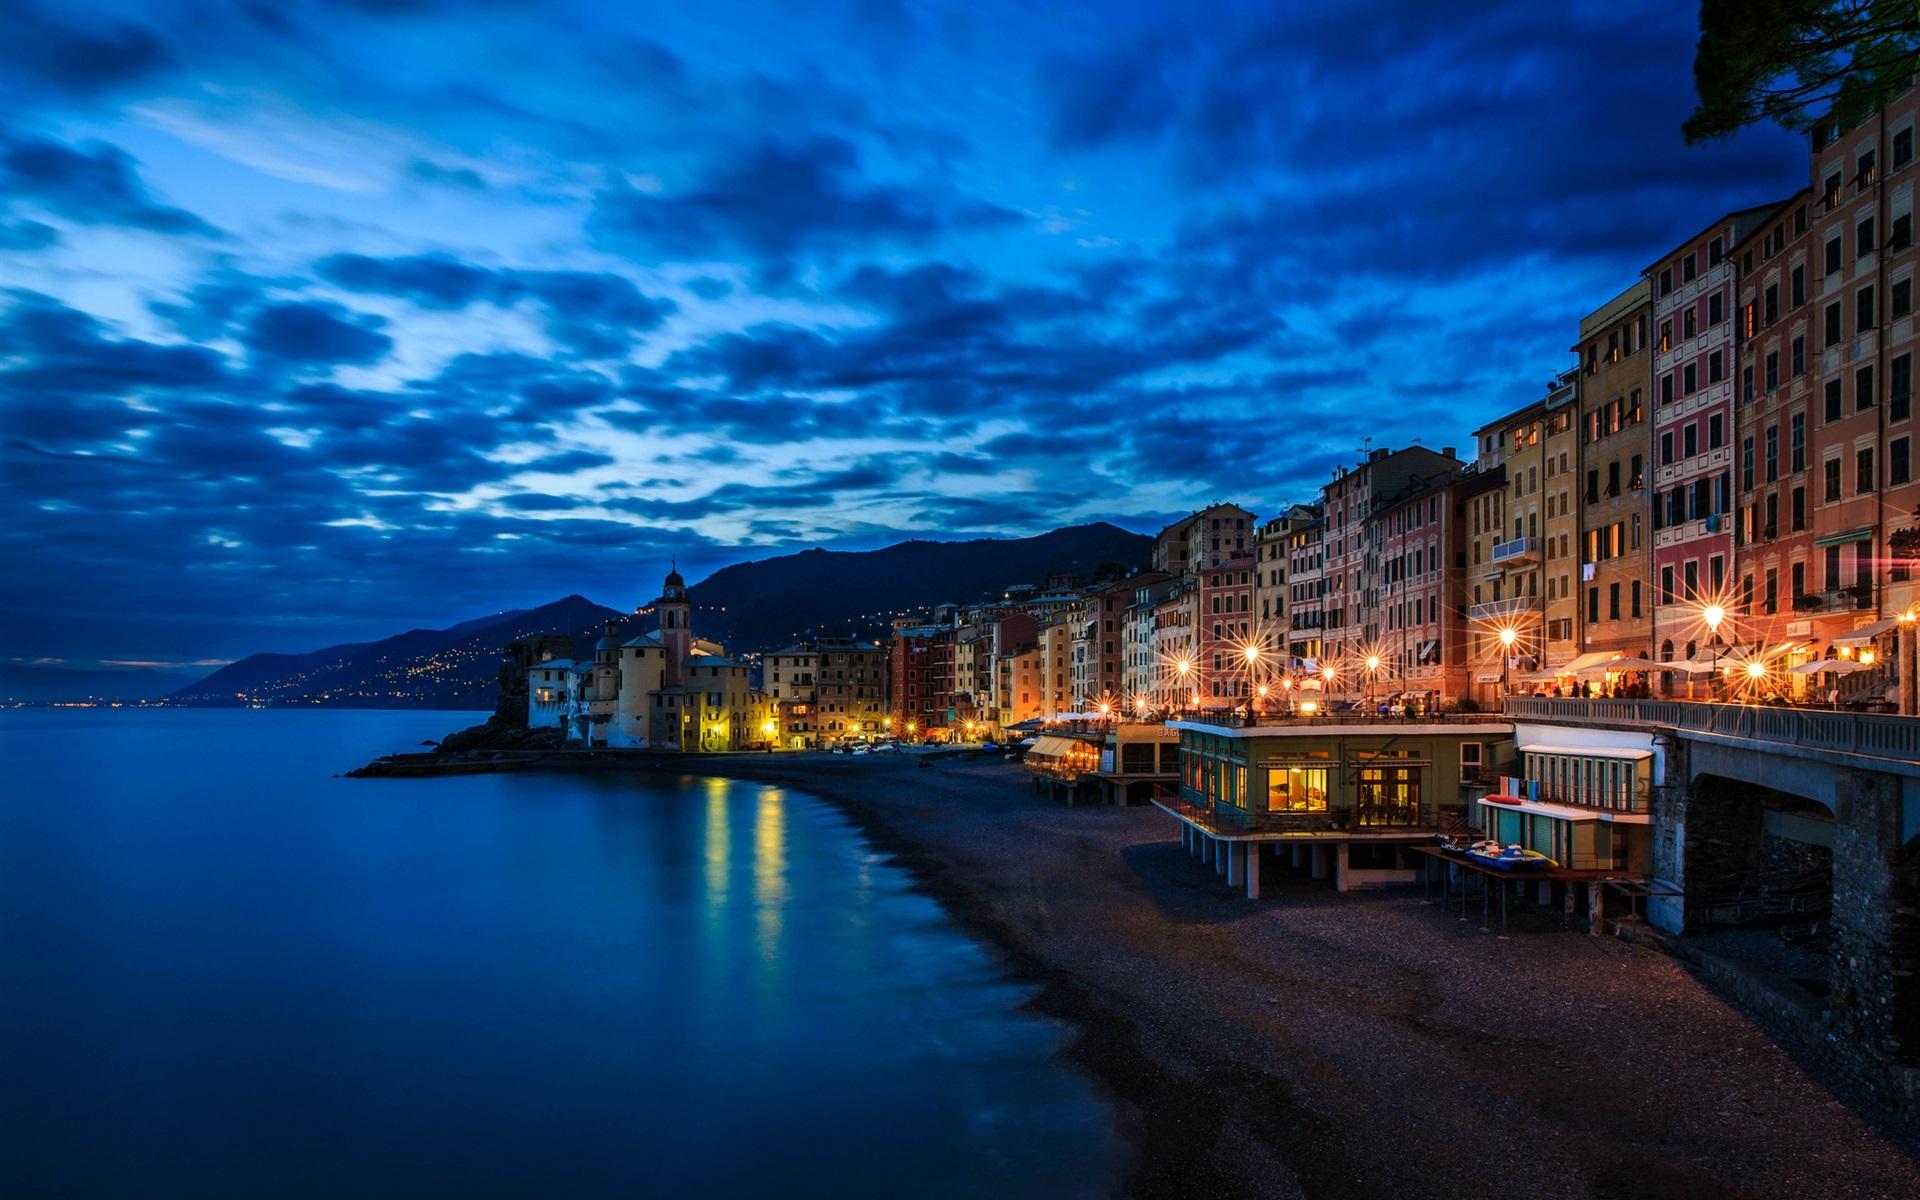 壁紙 カモーリ イタリア リグーリア 家 ライト 夜 海岸 海